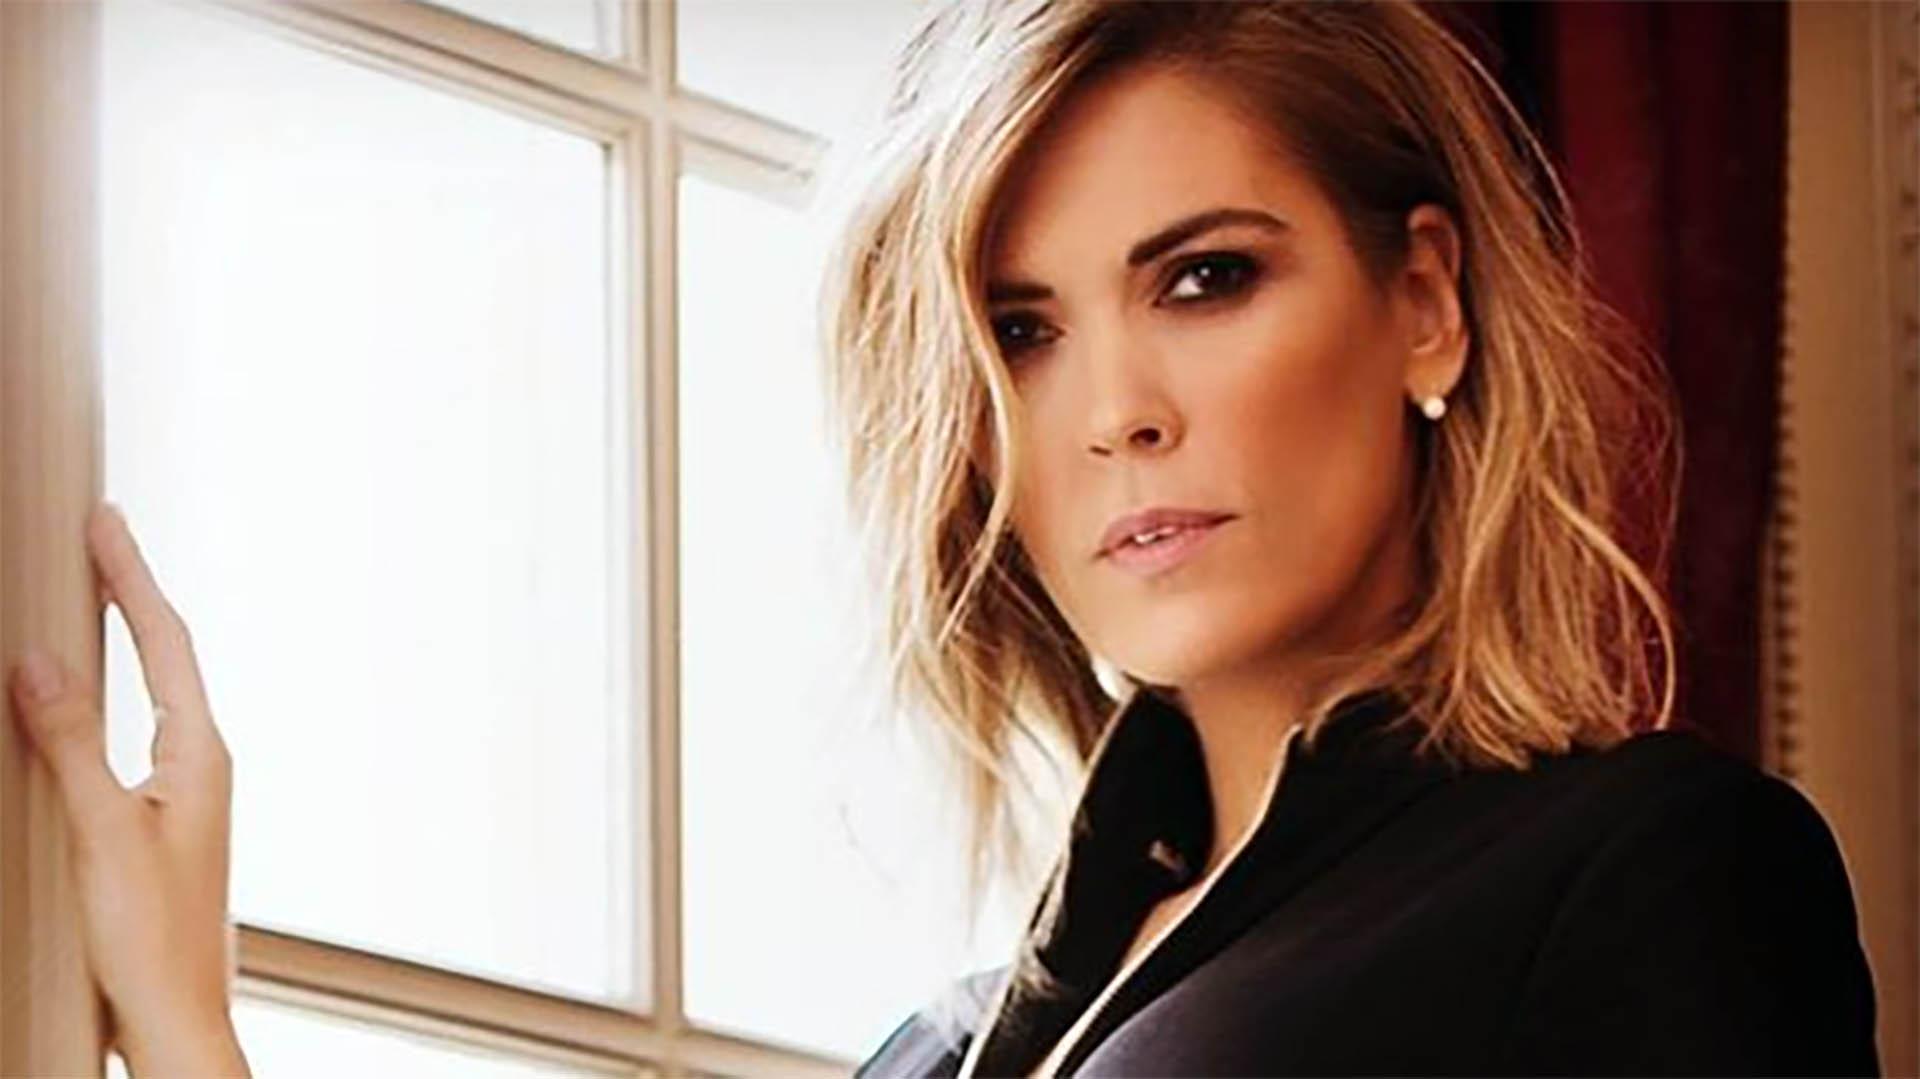 La periodista y conductora Viviana Canosa (Instagram)